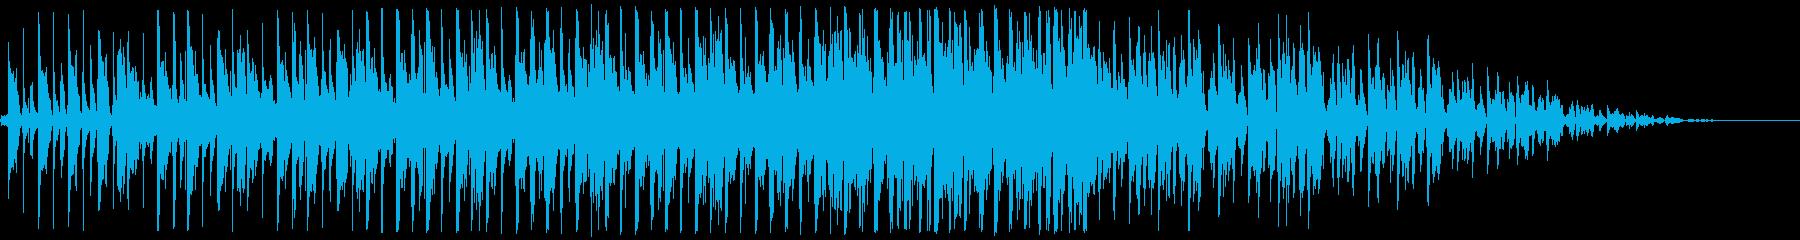 ほのぼのアコースティックなBGMの再生済みの波形